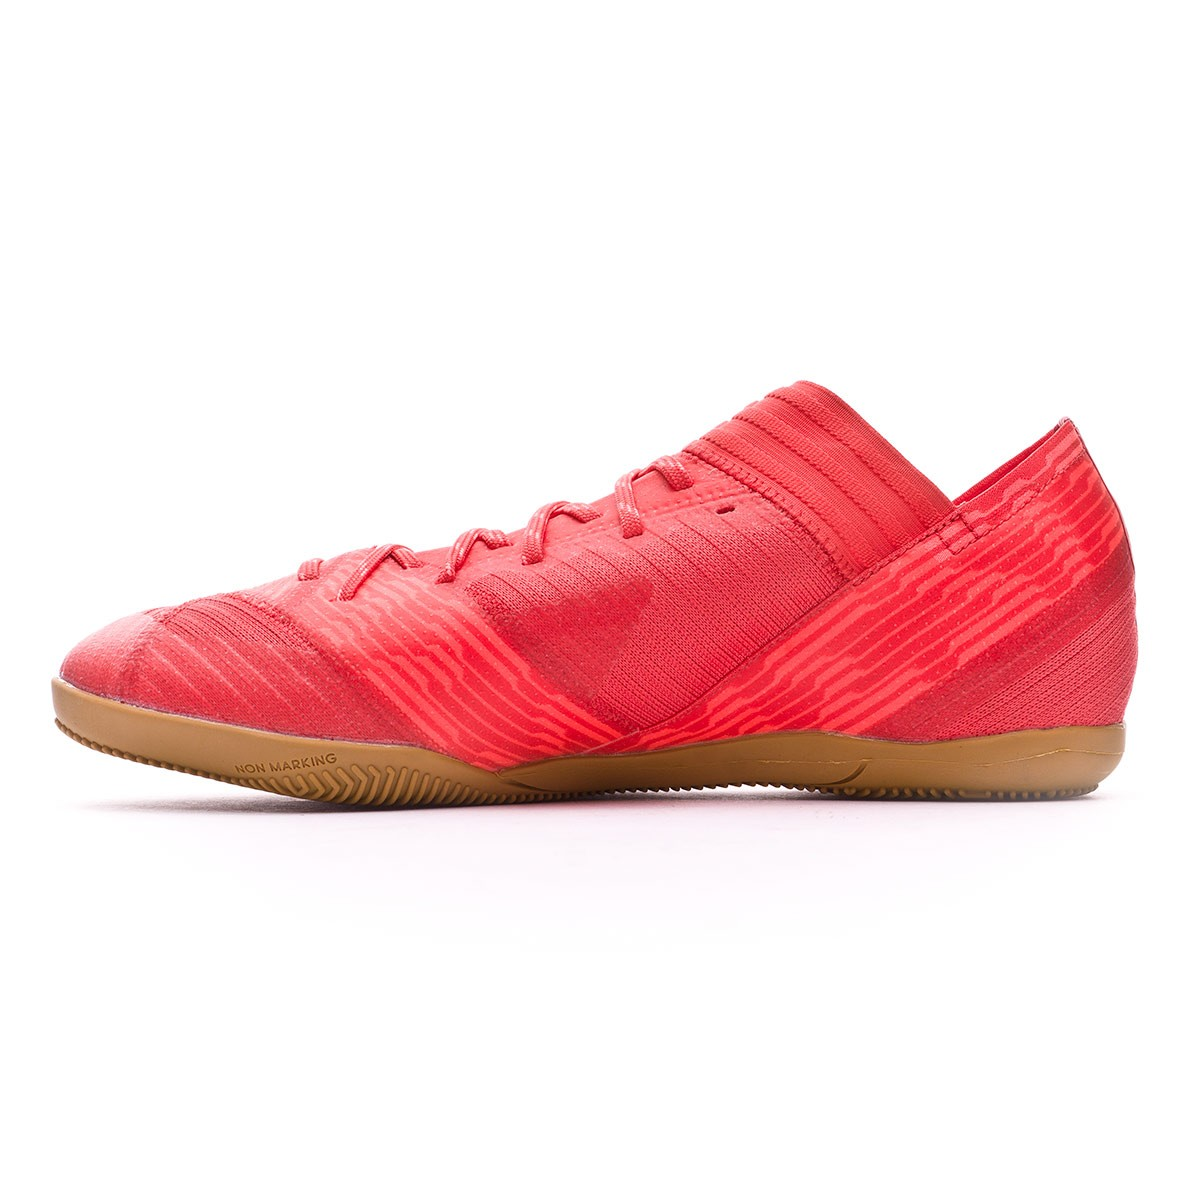 brand new 0c722 36843 Zapatilla adidas Nemeziz Tango 17.3 IN Real coral-Red zest-Real coral -  Soloporteros es ahora Fútbol Emotion